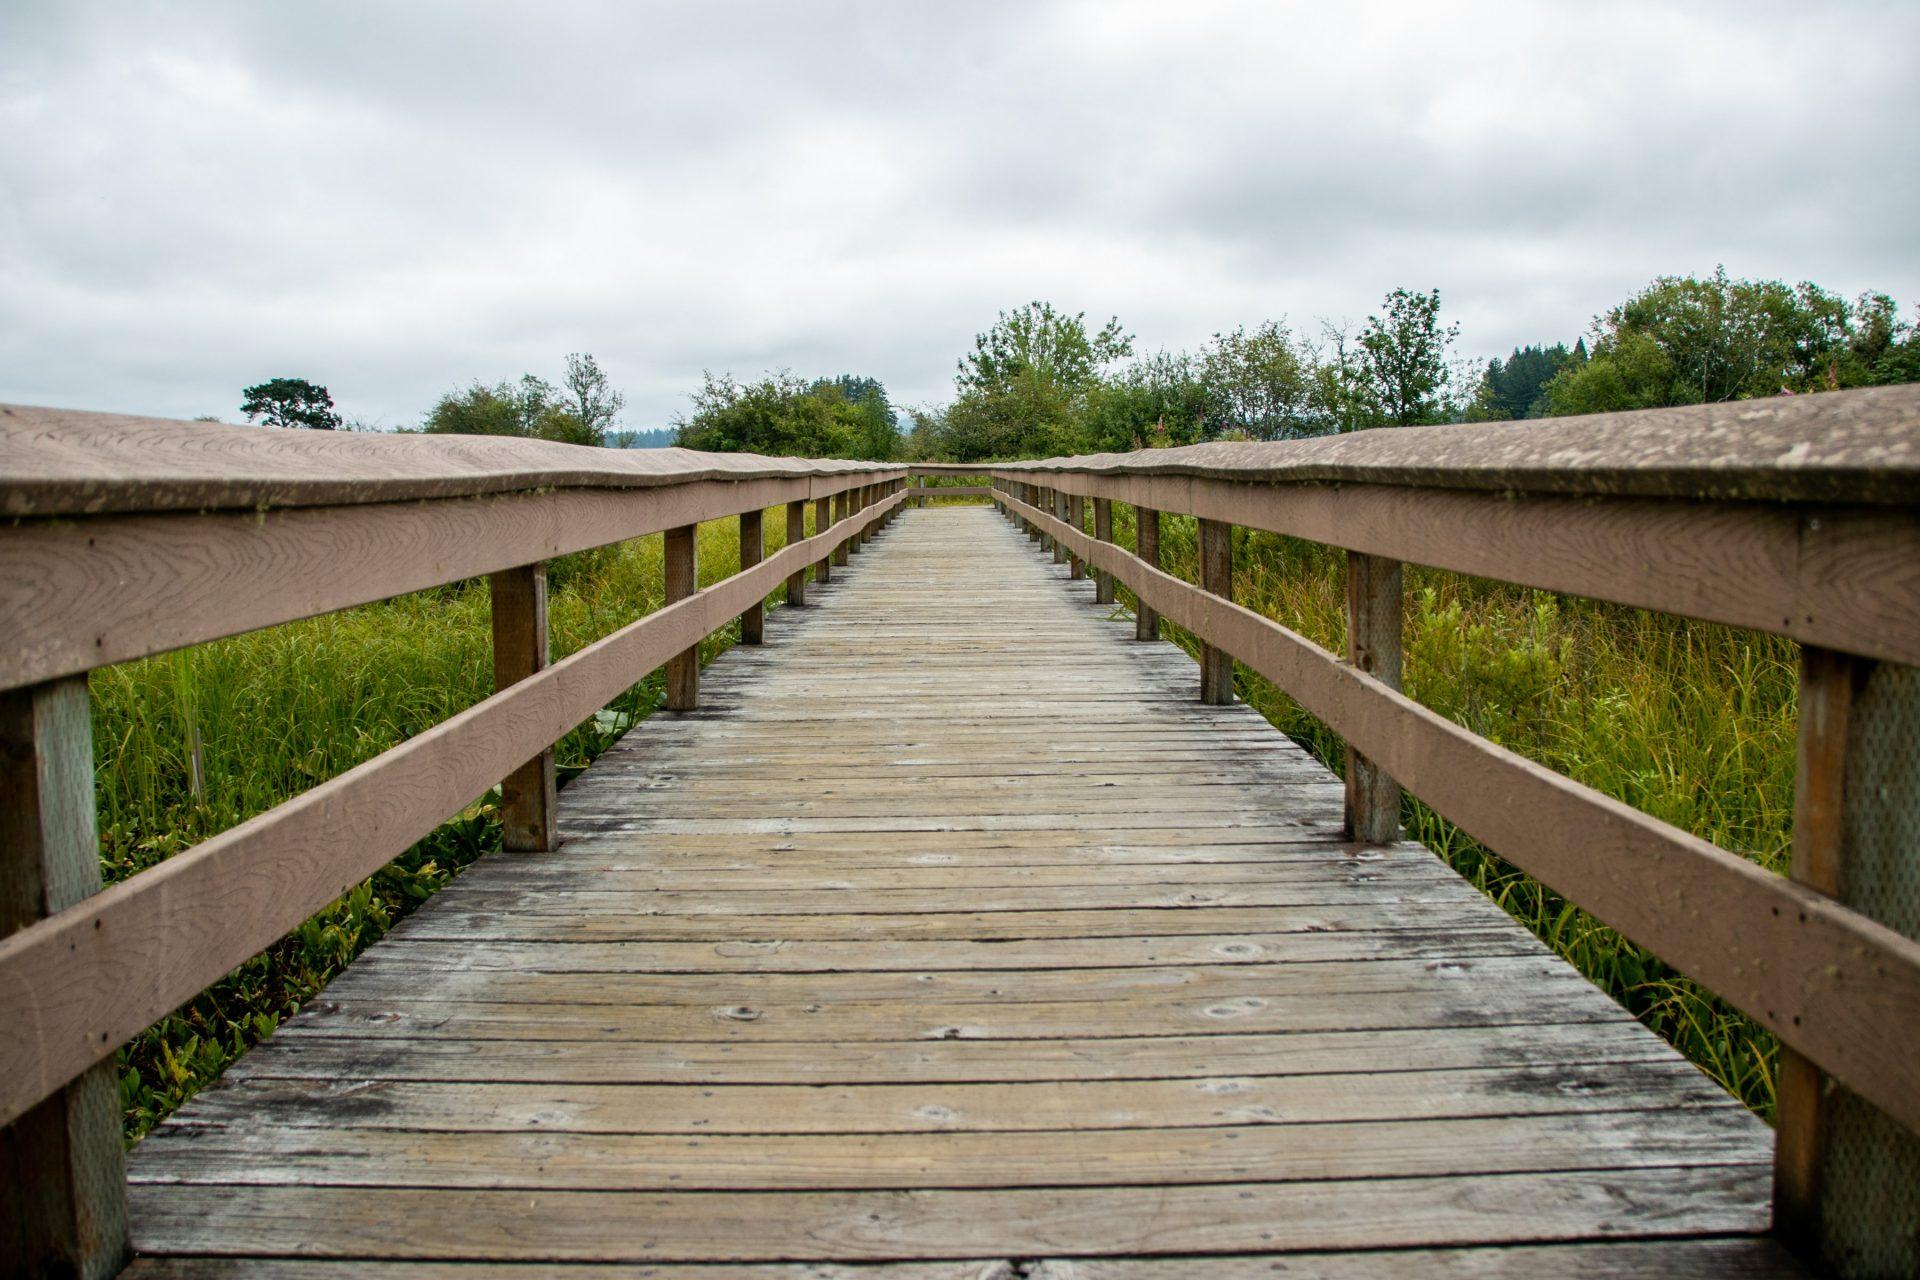 Boardwalk With Railings In Meadow